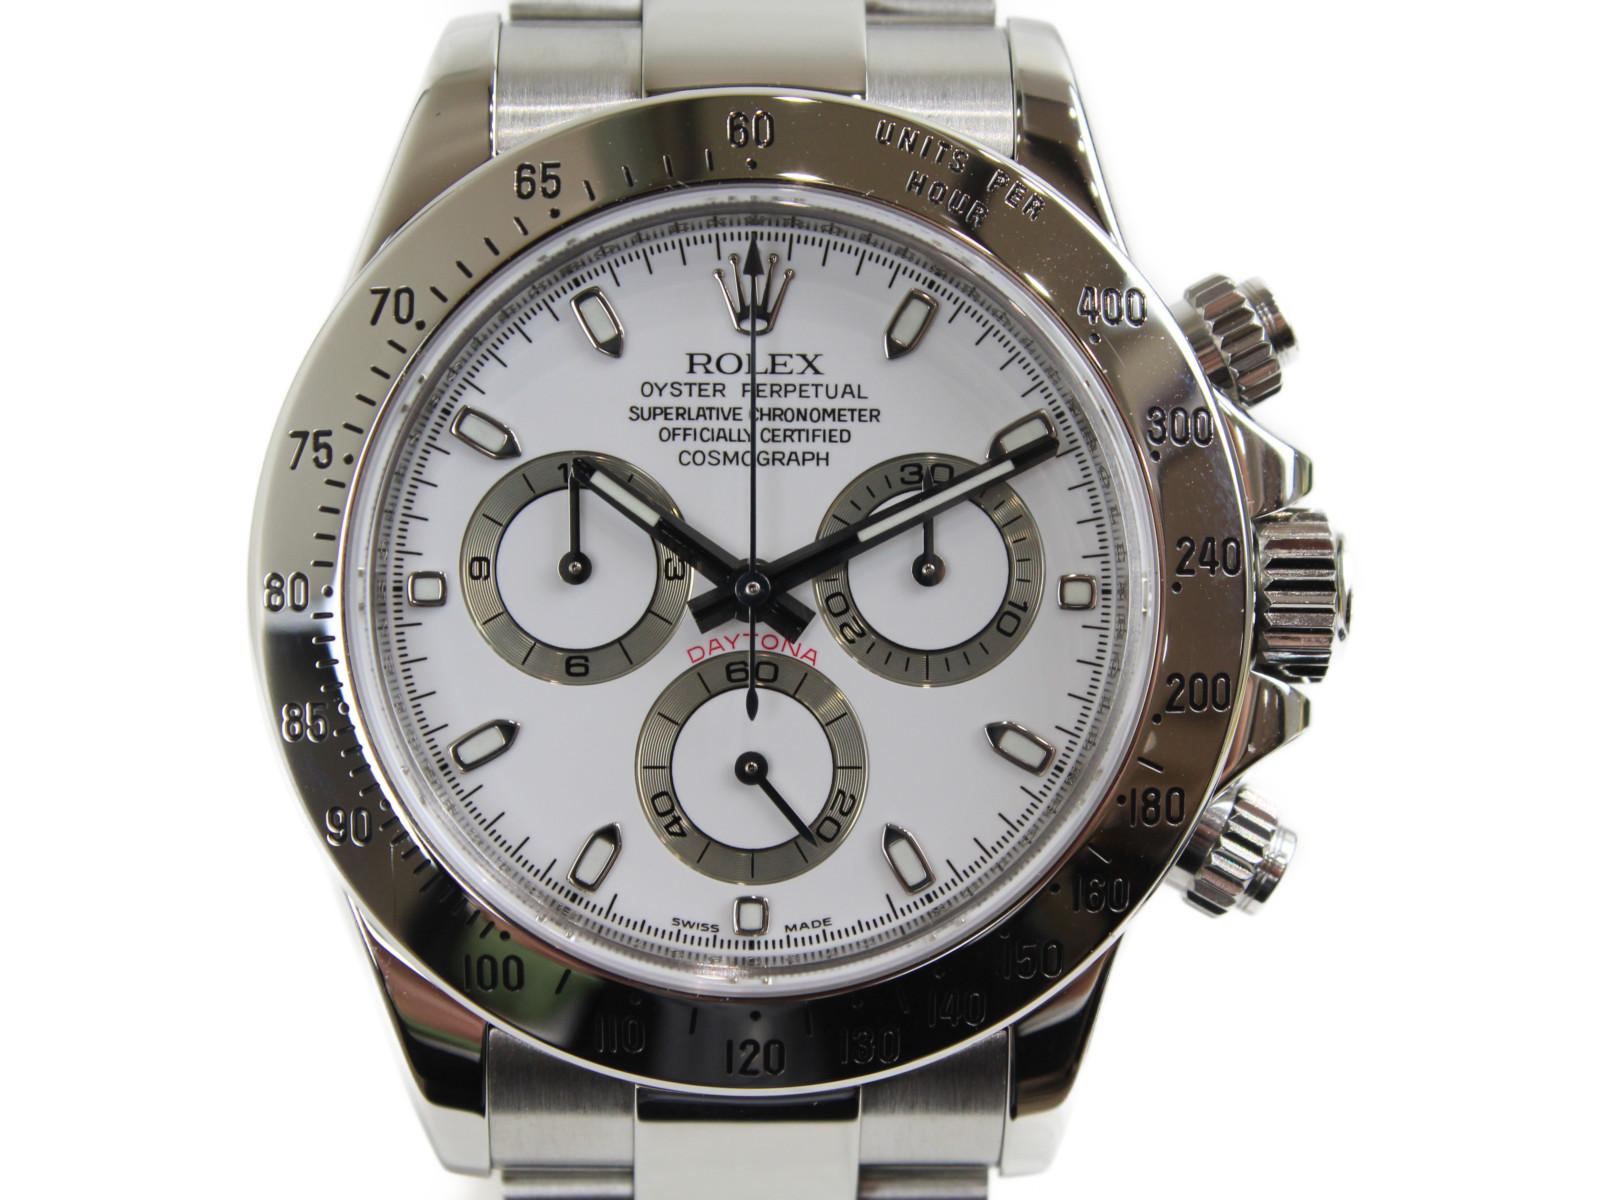 【OH済み】ROLEX ロレックス デイトナ クロノグラフ 116520 自動巻き Z番 SS ステンレススチール 白 メンズ 腕時計【中古】